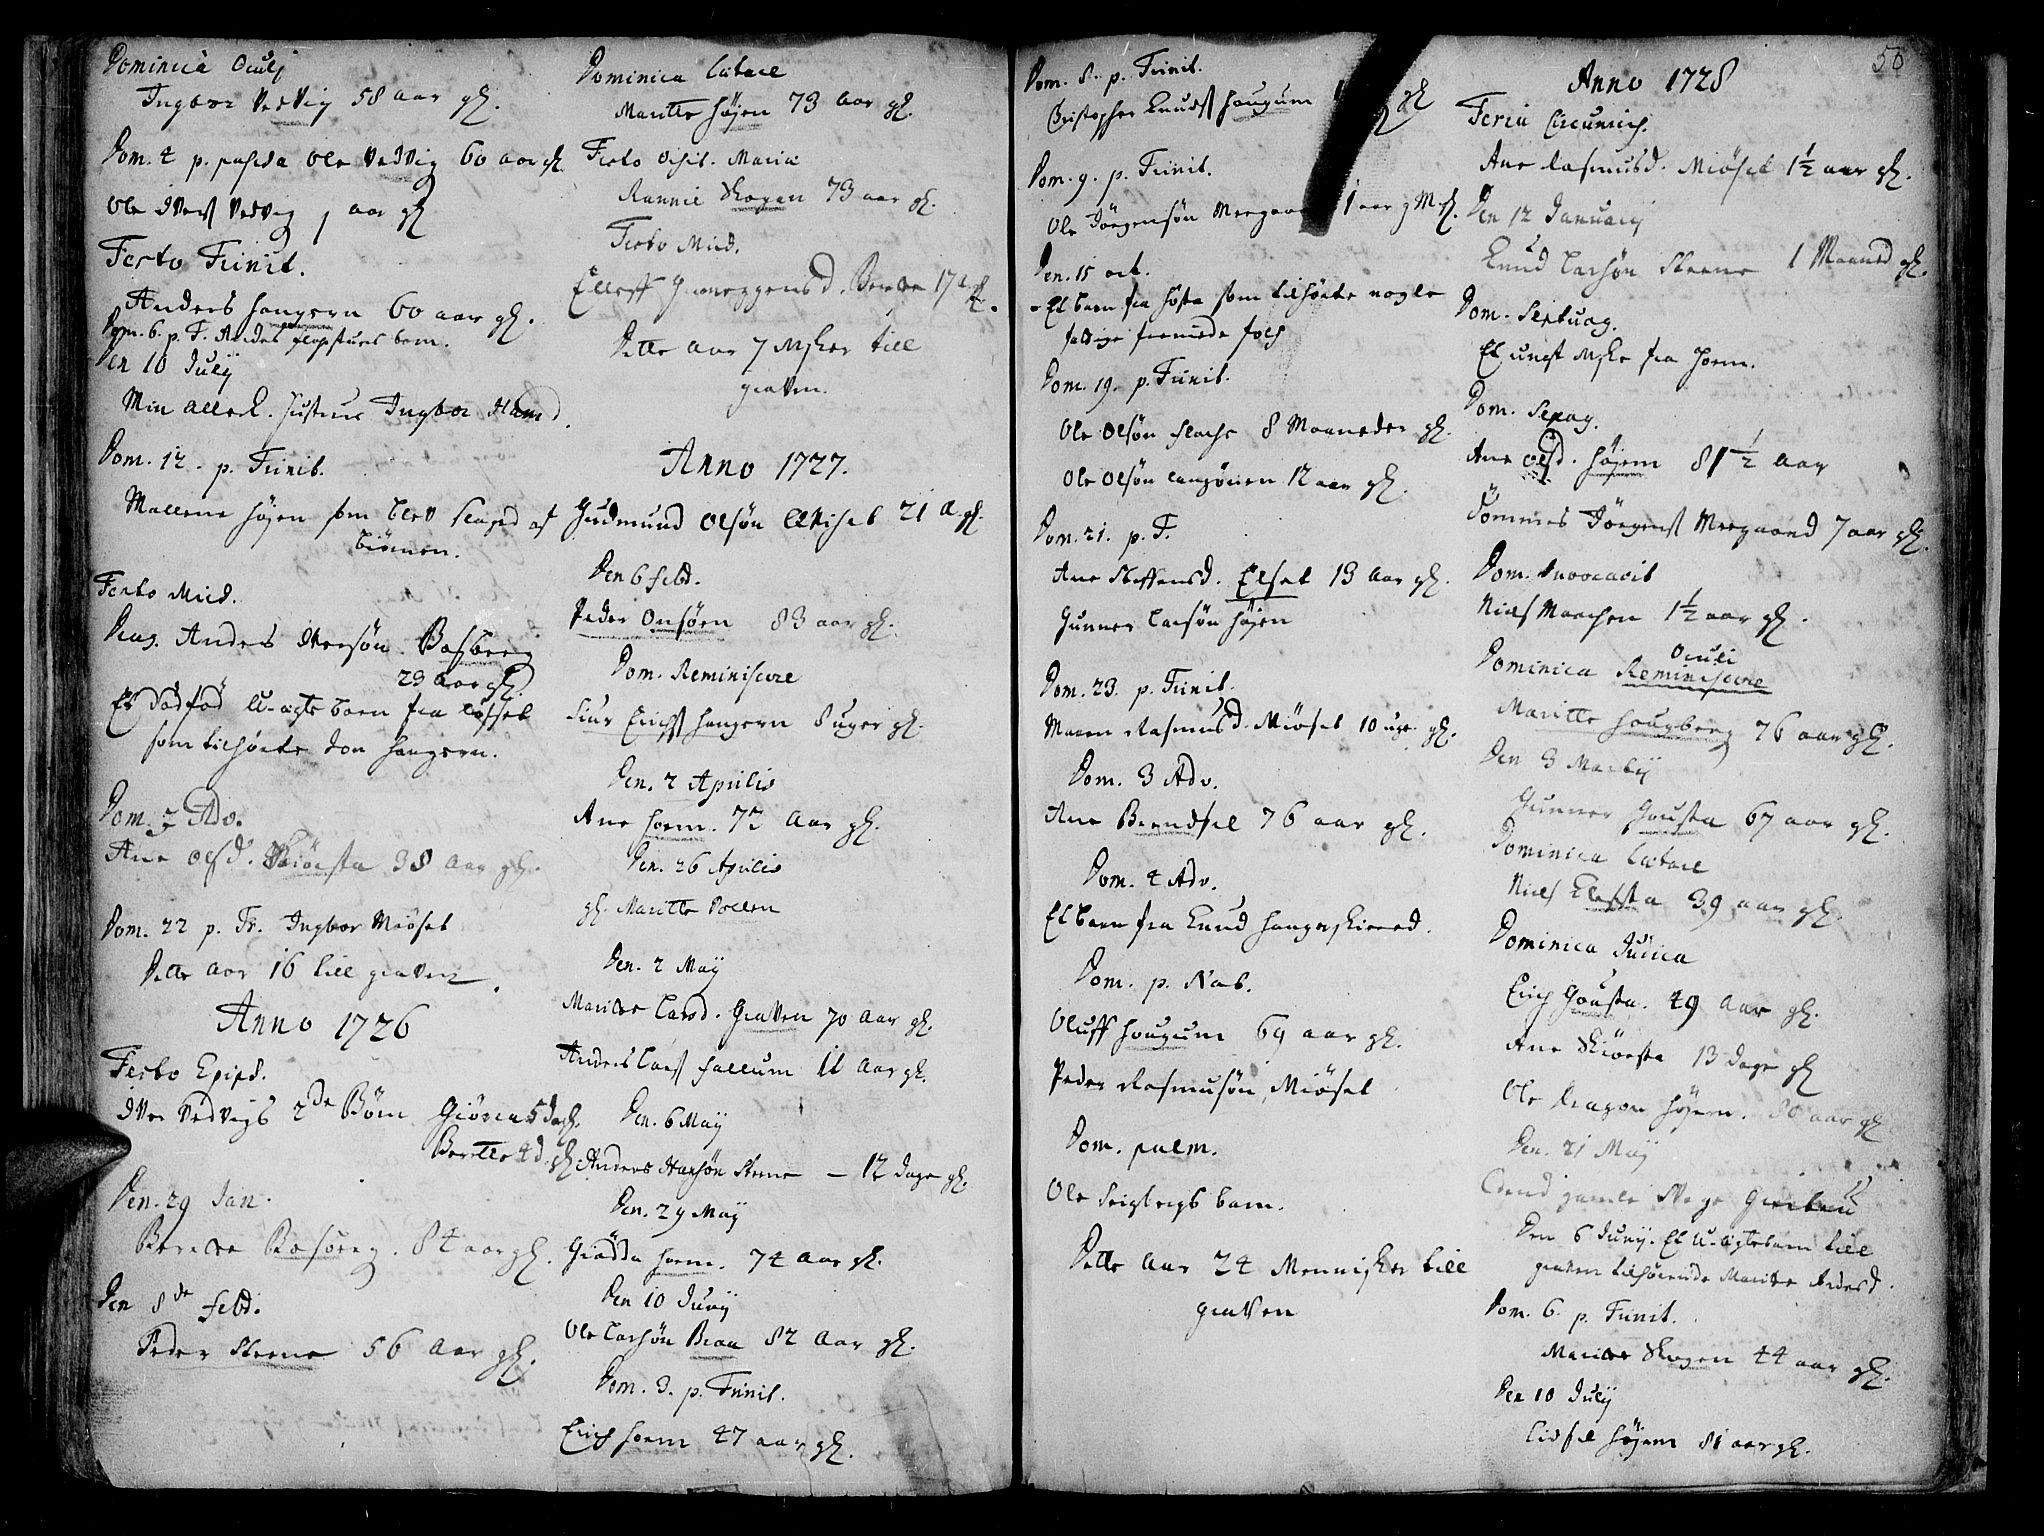 SAT, Ministerialprotokoller, klokkerbøker og fødselsregistre - Sør-Trøndelag, 612/L0368: Ministerialbok nr. 612A02, 1702-1753, s. 50